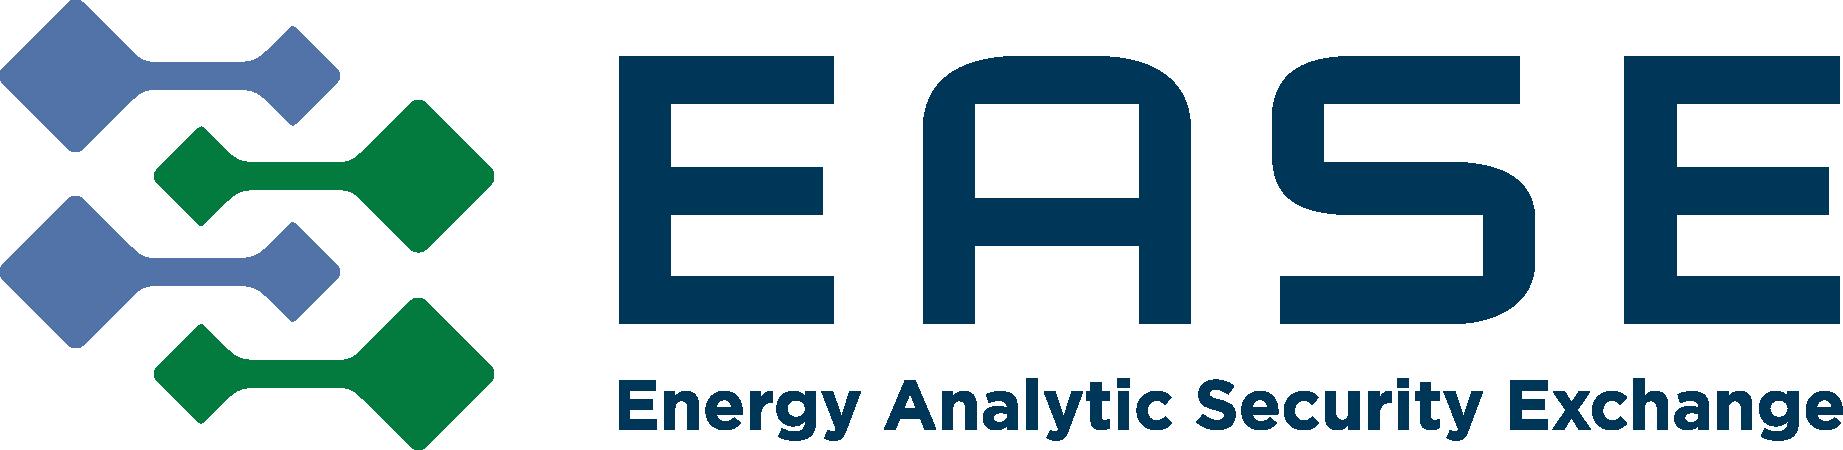 EASE Logo.png